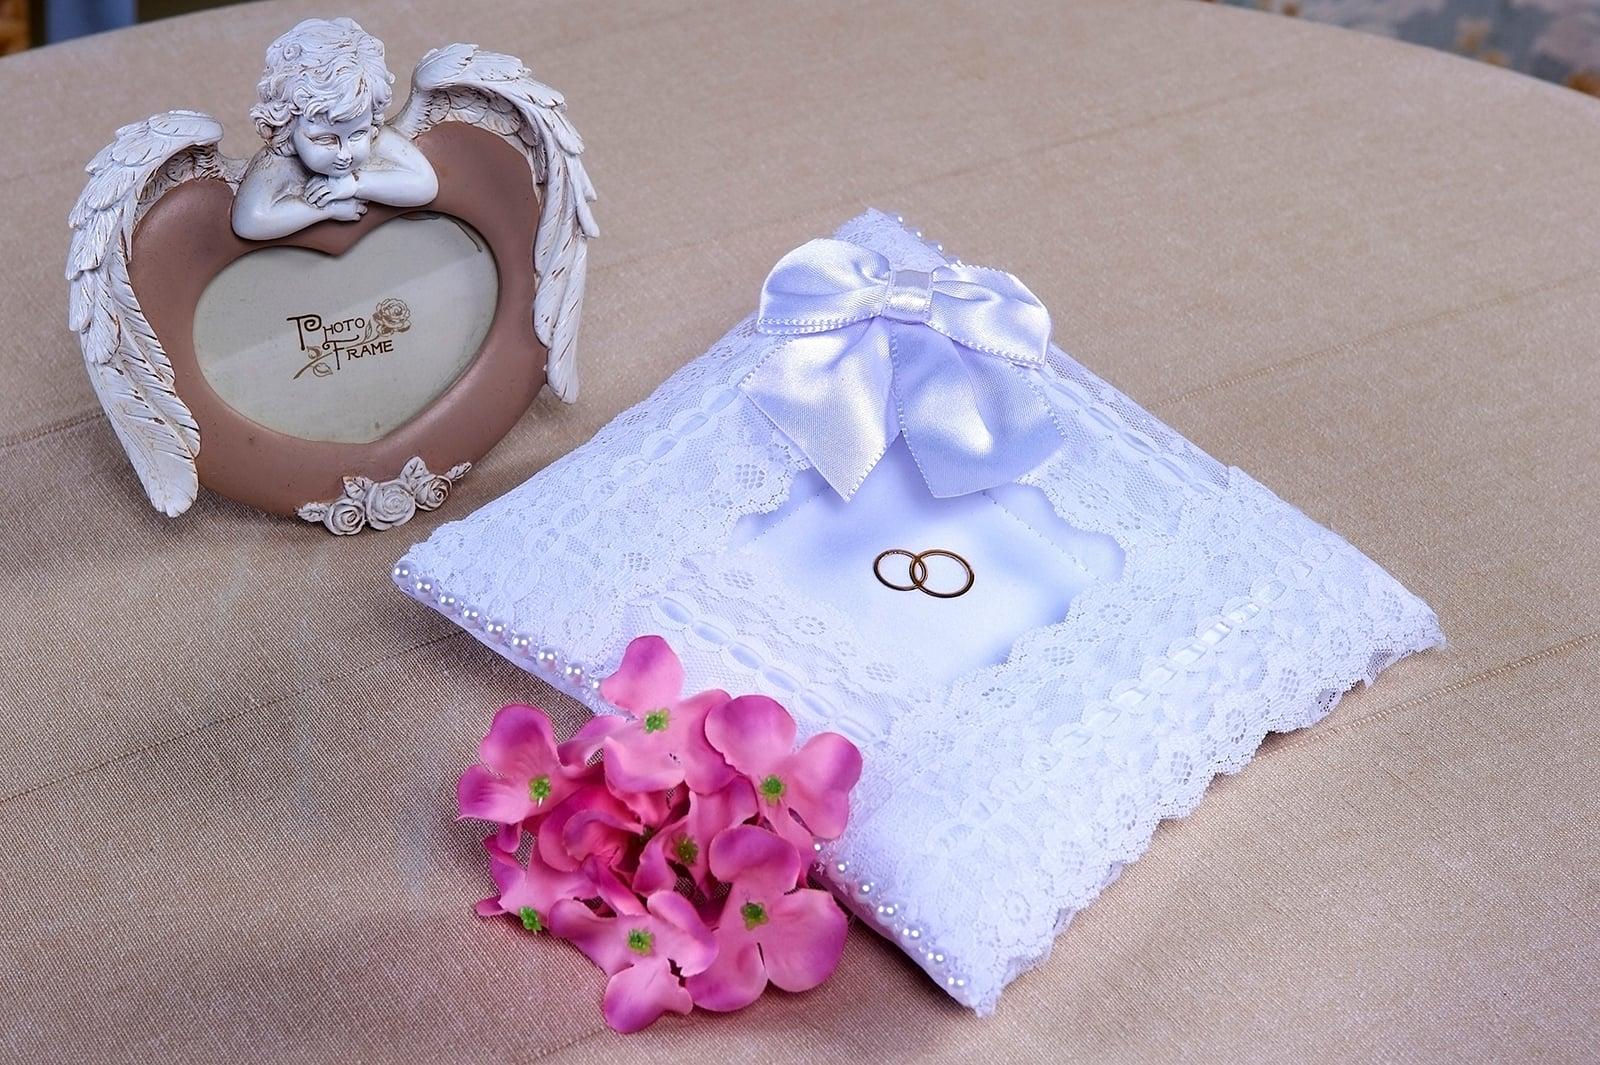 Белая кружевная подушечка для колец, украшенная атласным бантом.